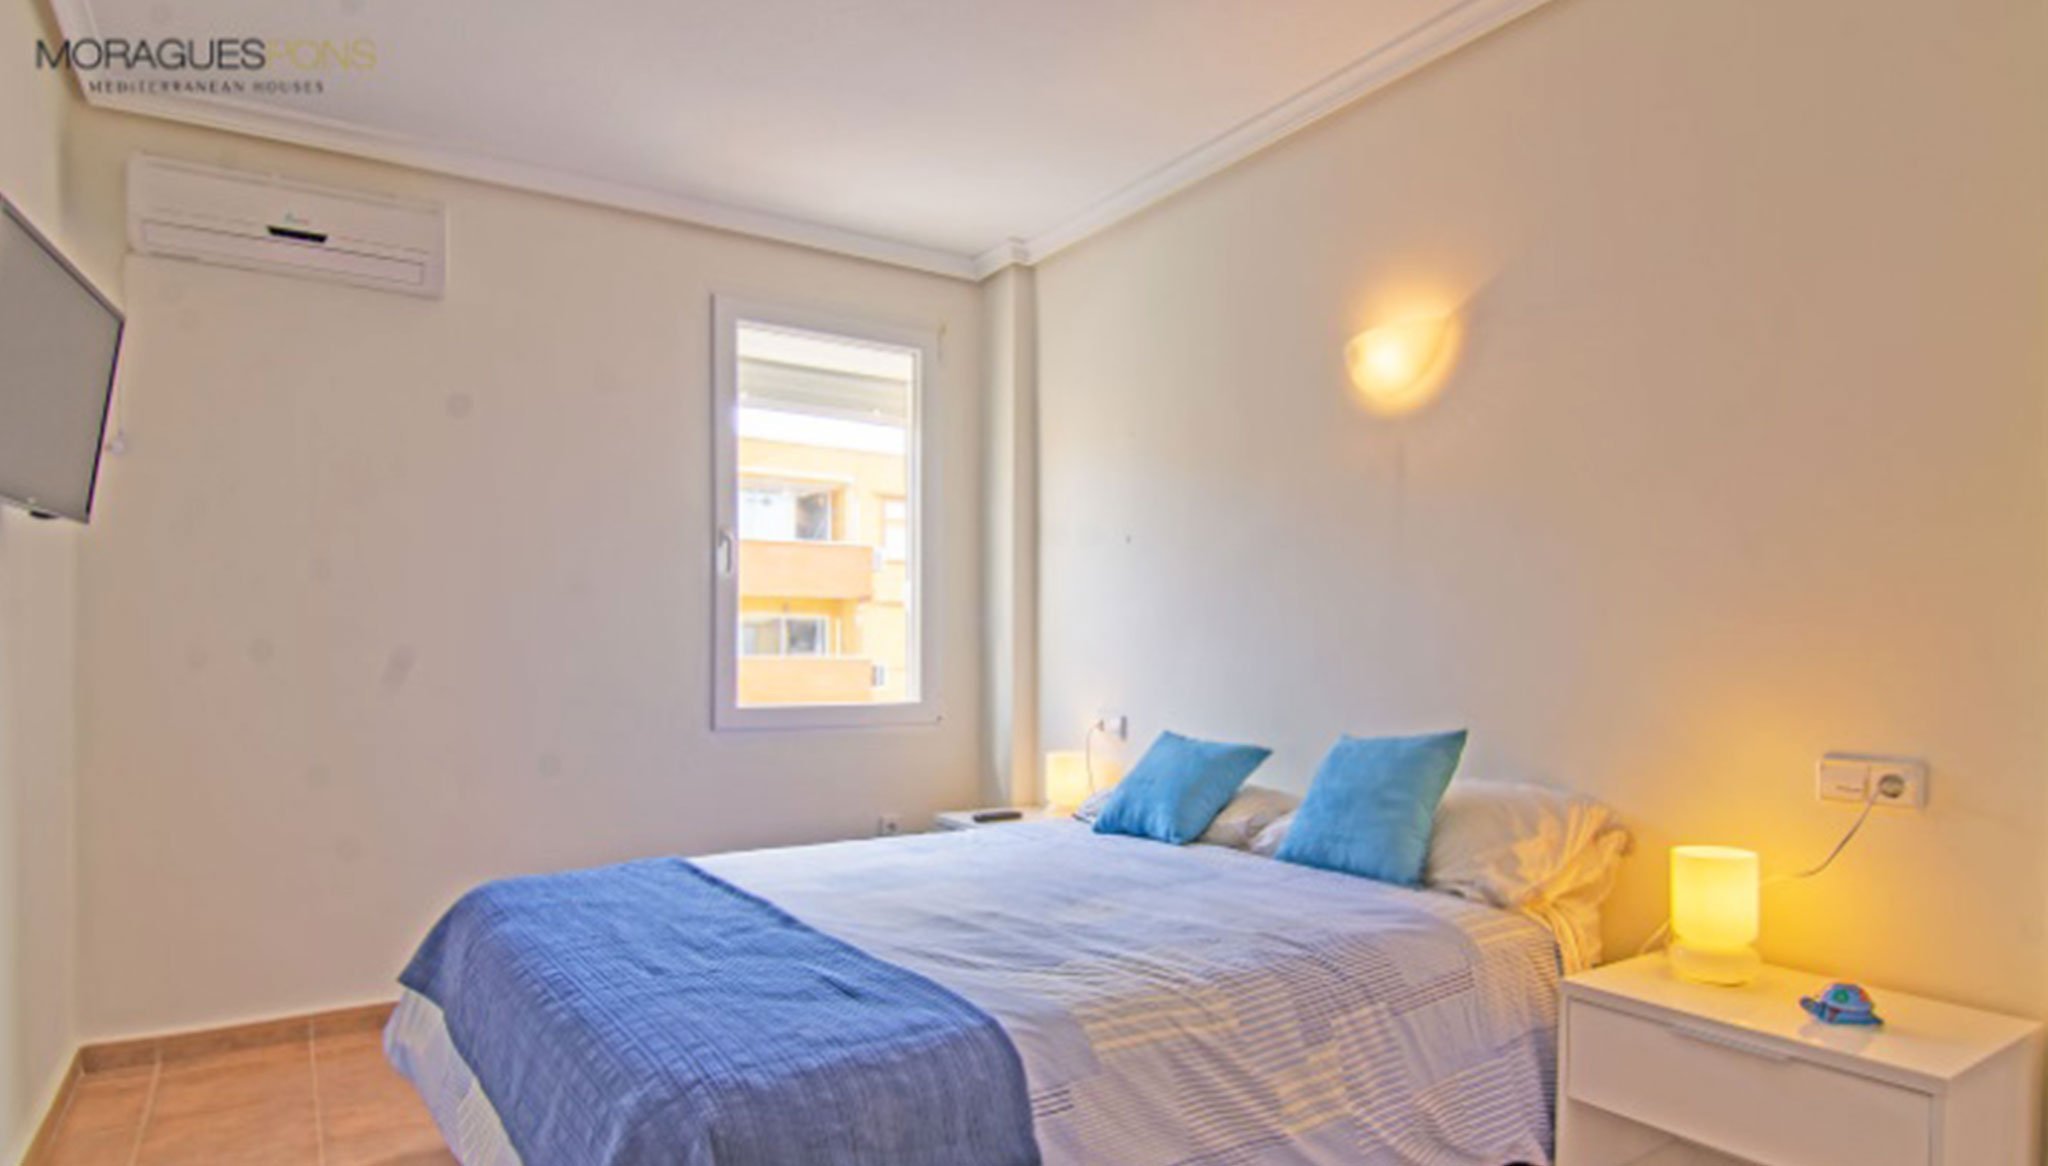 Una de las tres habitaciones de un apartamento en venta en Jávea – MORAGUESPONS Mediterranean Houses